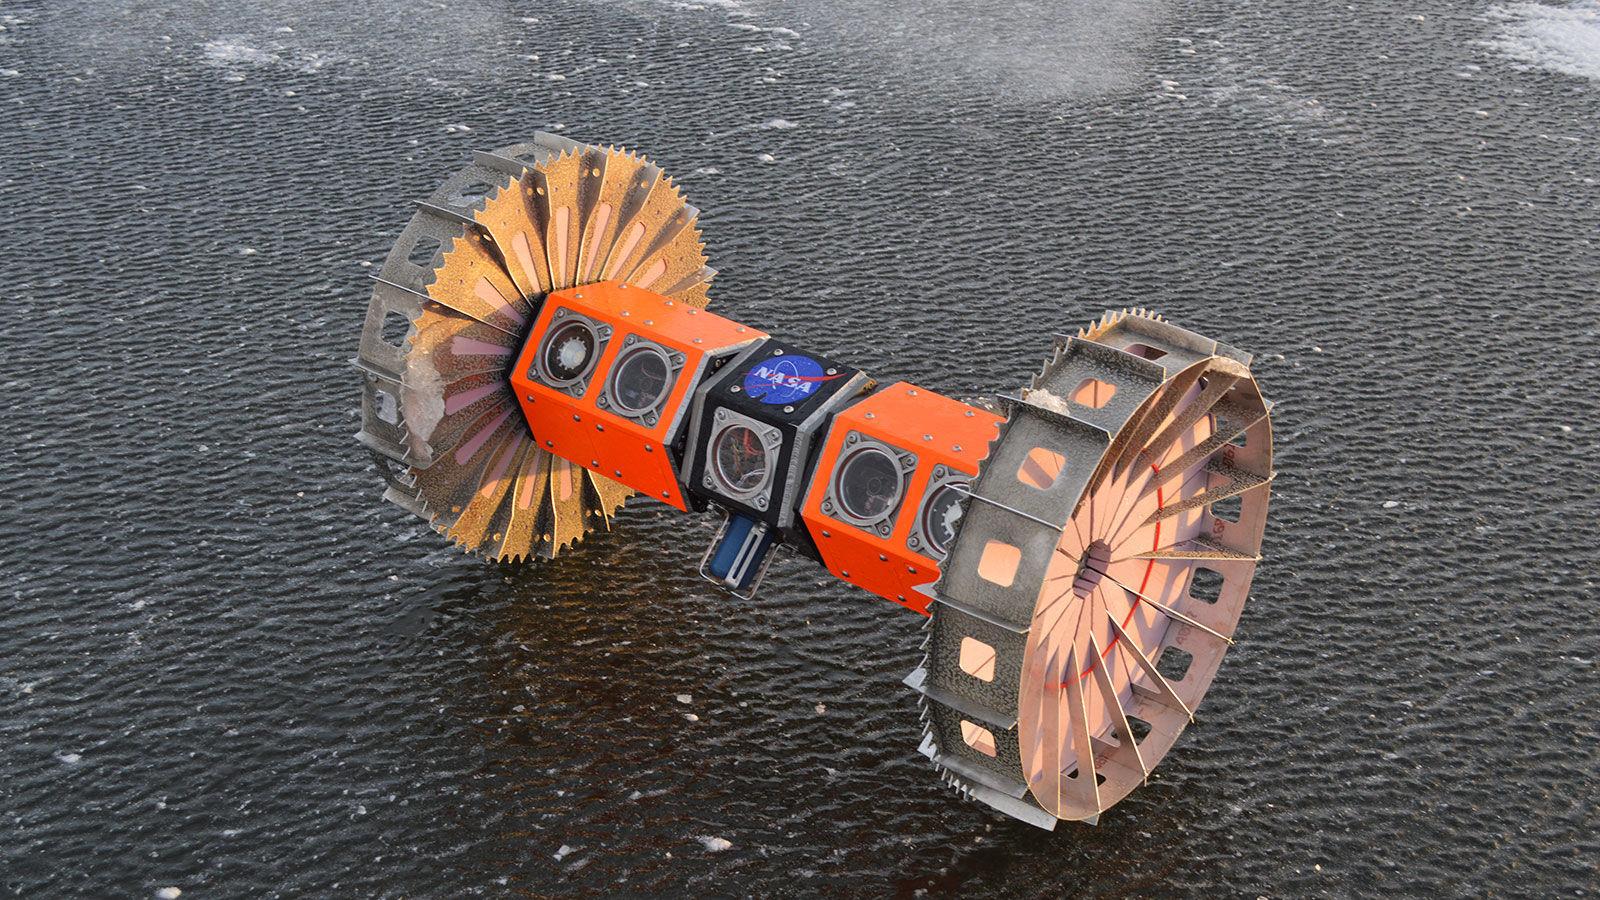 El rover BRUIE creado por la NASA realiza pruebas a bajas temperaturas